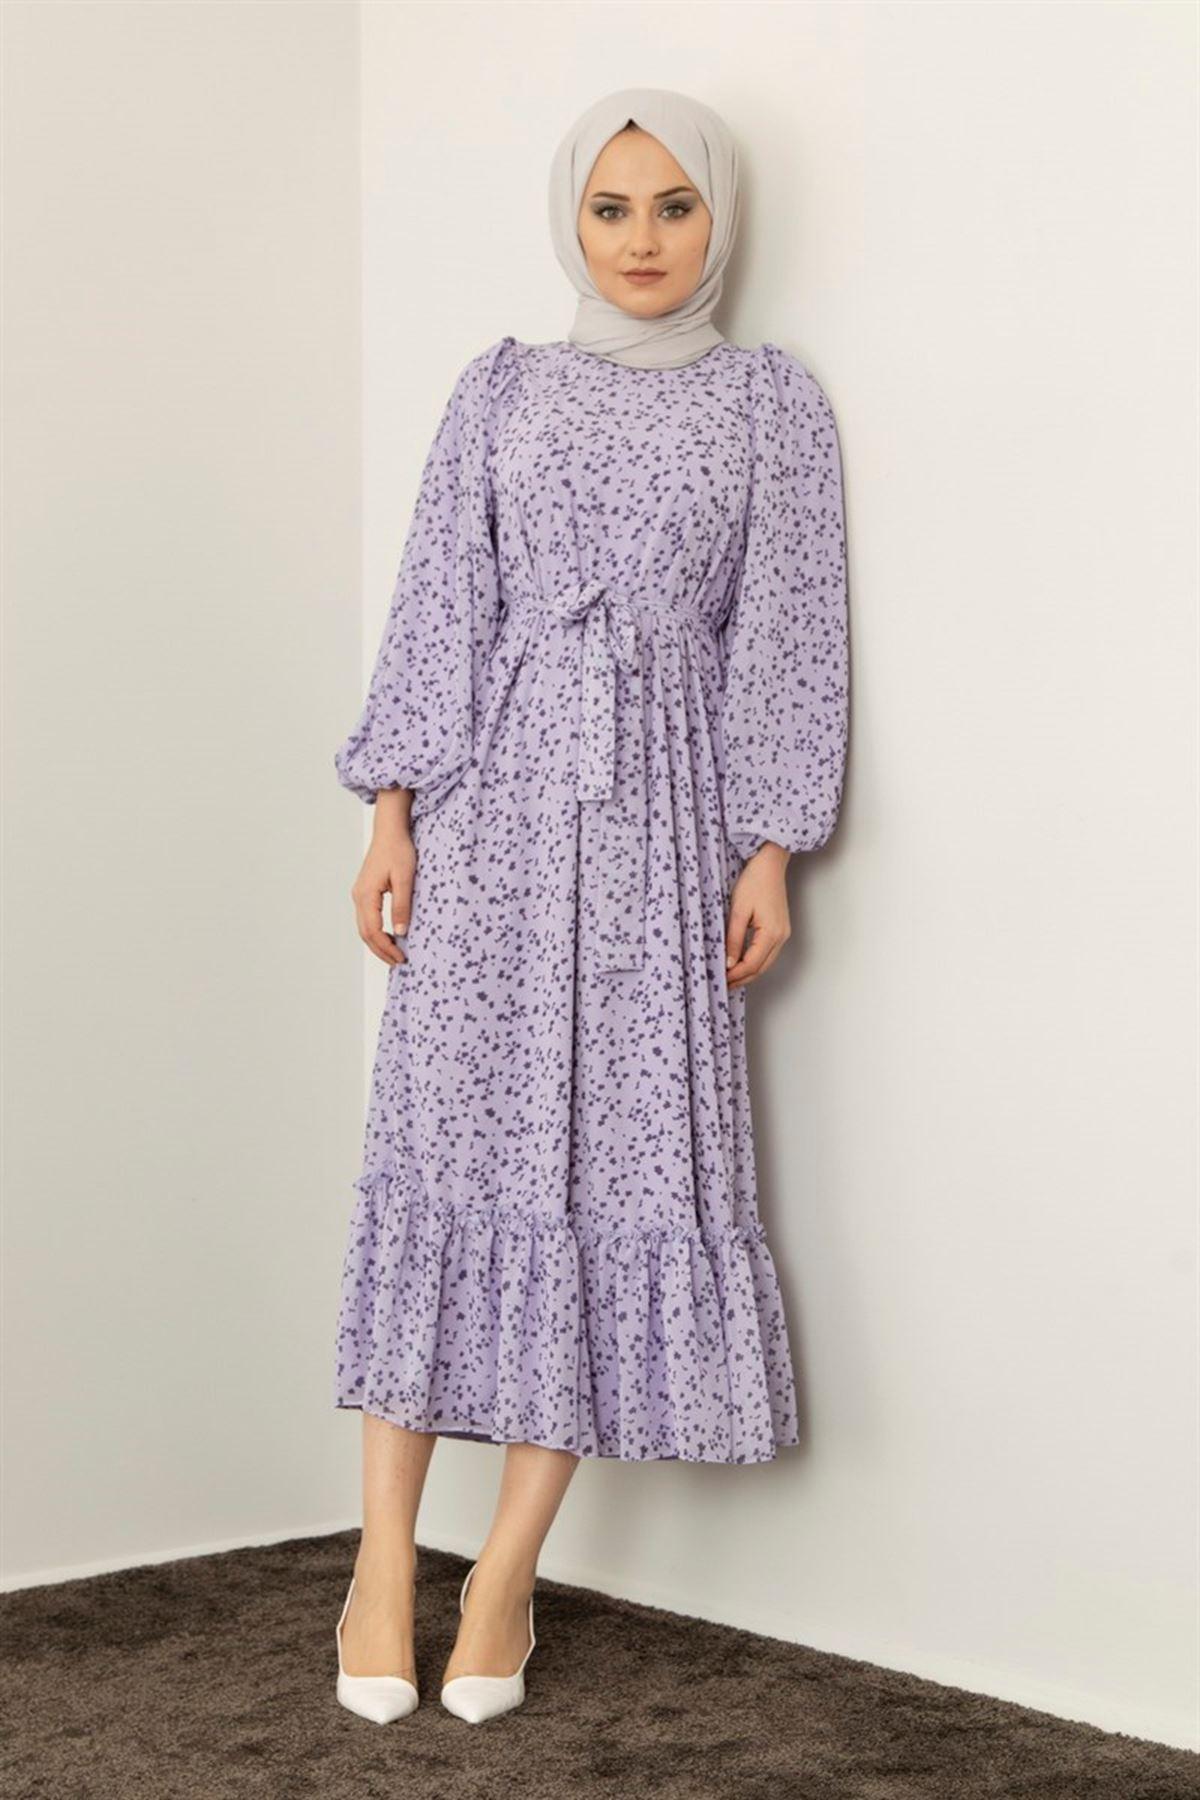 Kadın Keşkeşli Elbise - Lila